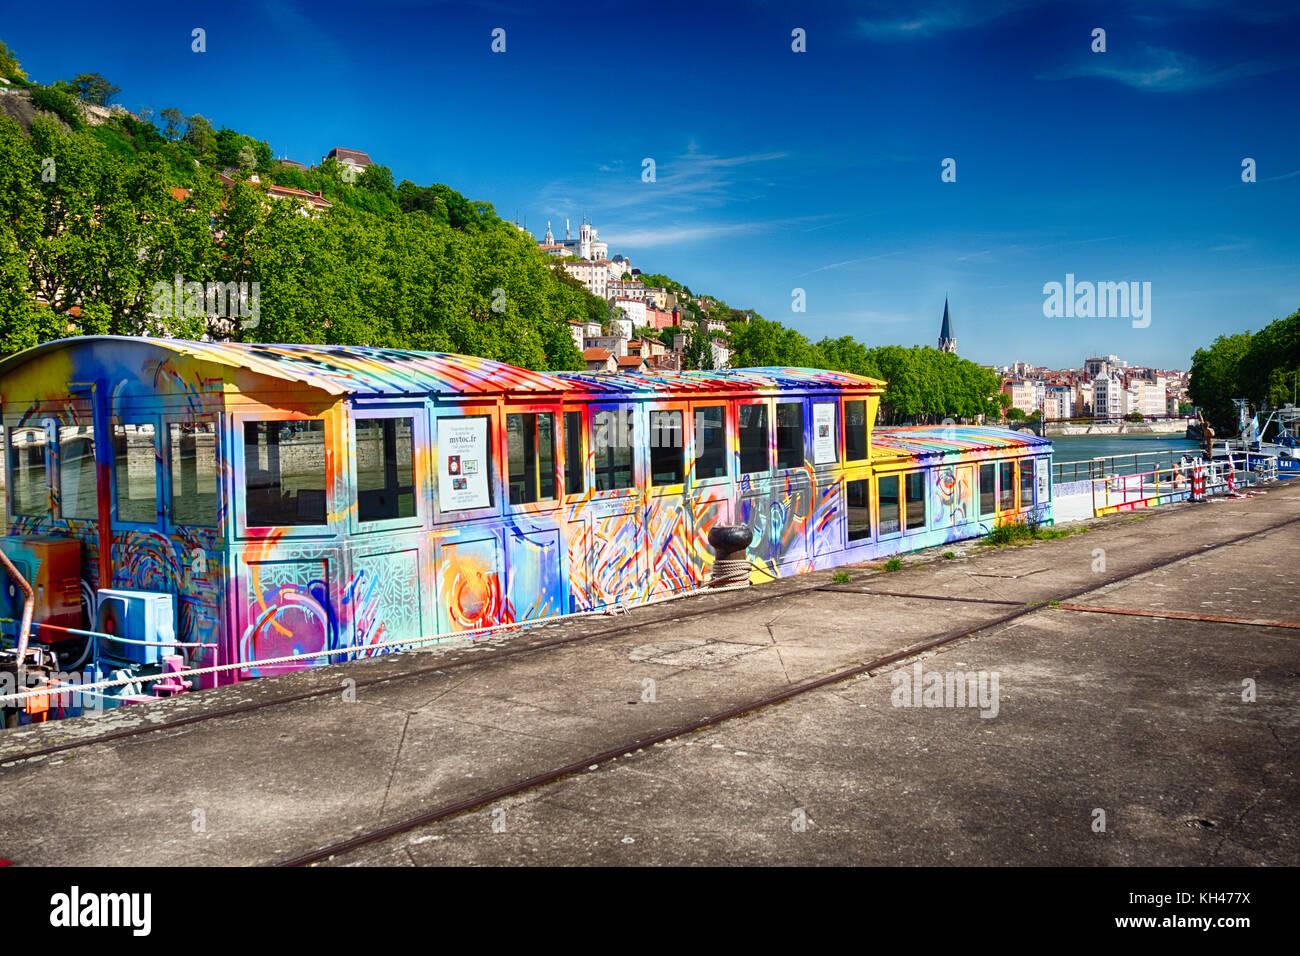 Projet d'art colorées péniche amarrée sur la Saône, Lyon France Banque D'Images